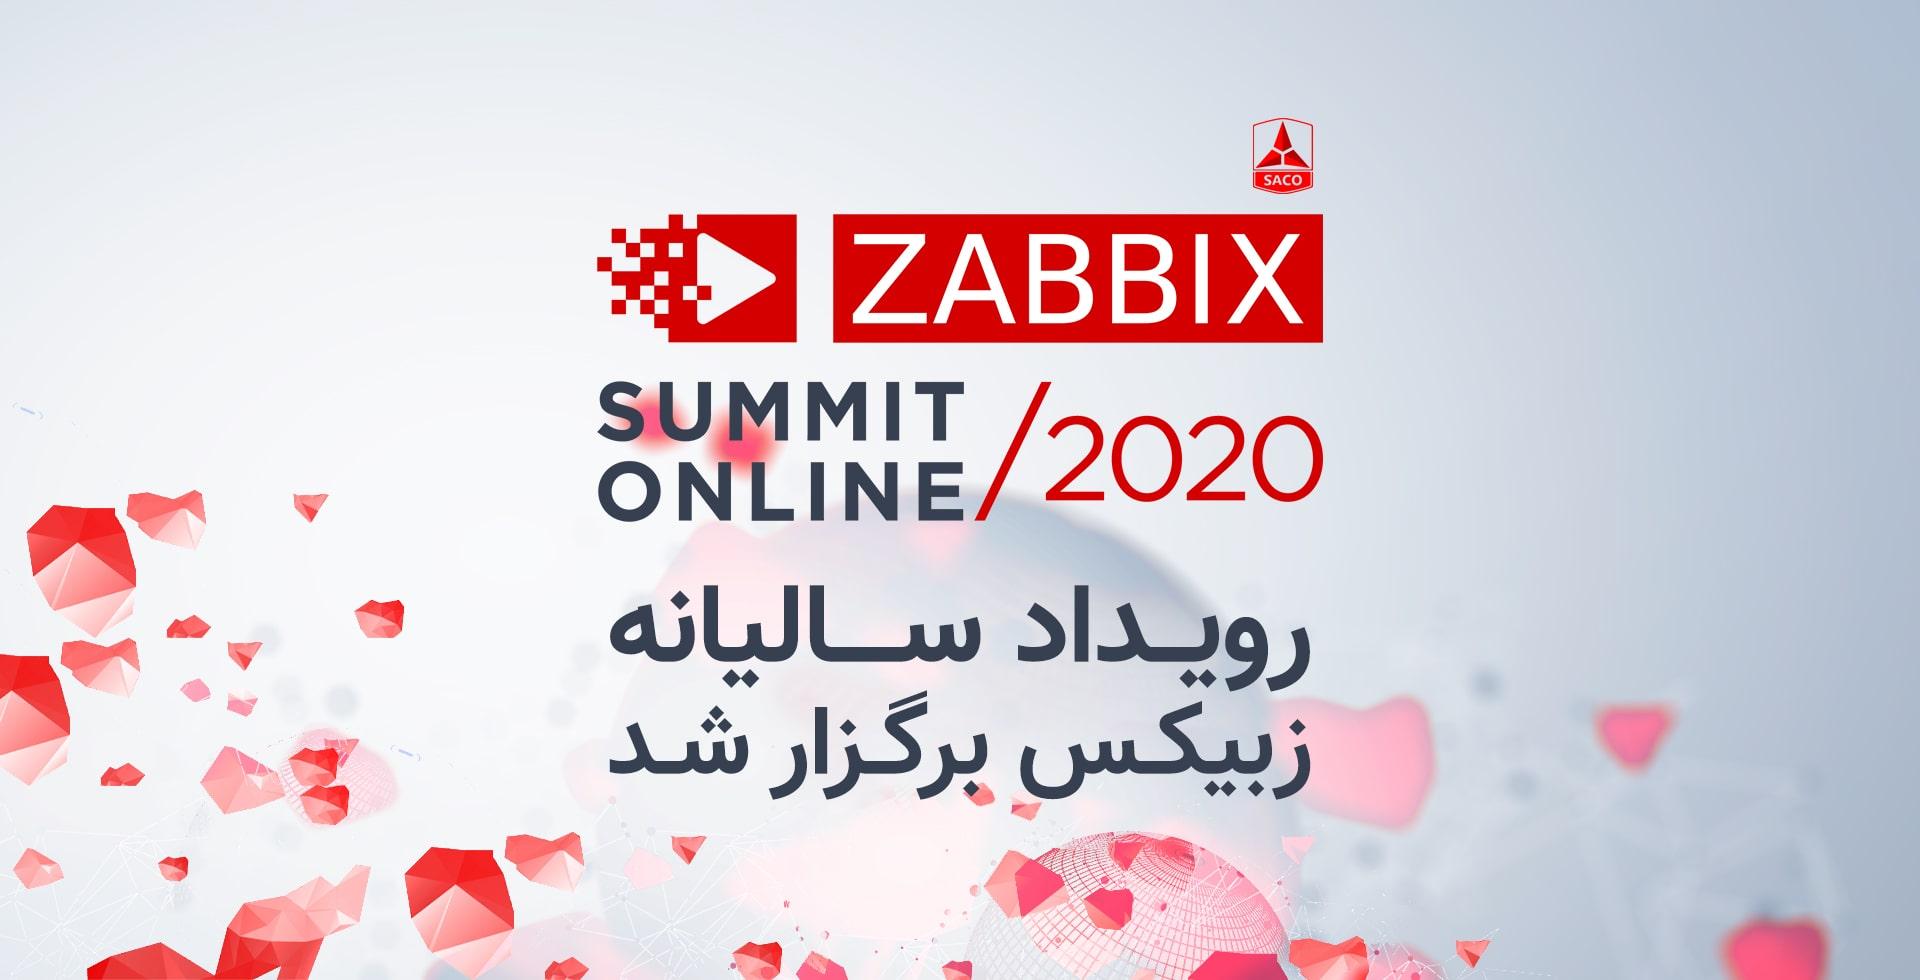 برگزاری رویداد سالیانه زبیکس  (ZABBIX Summit 2020)